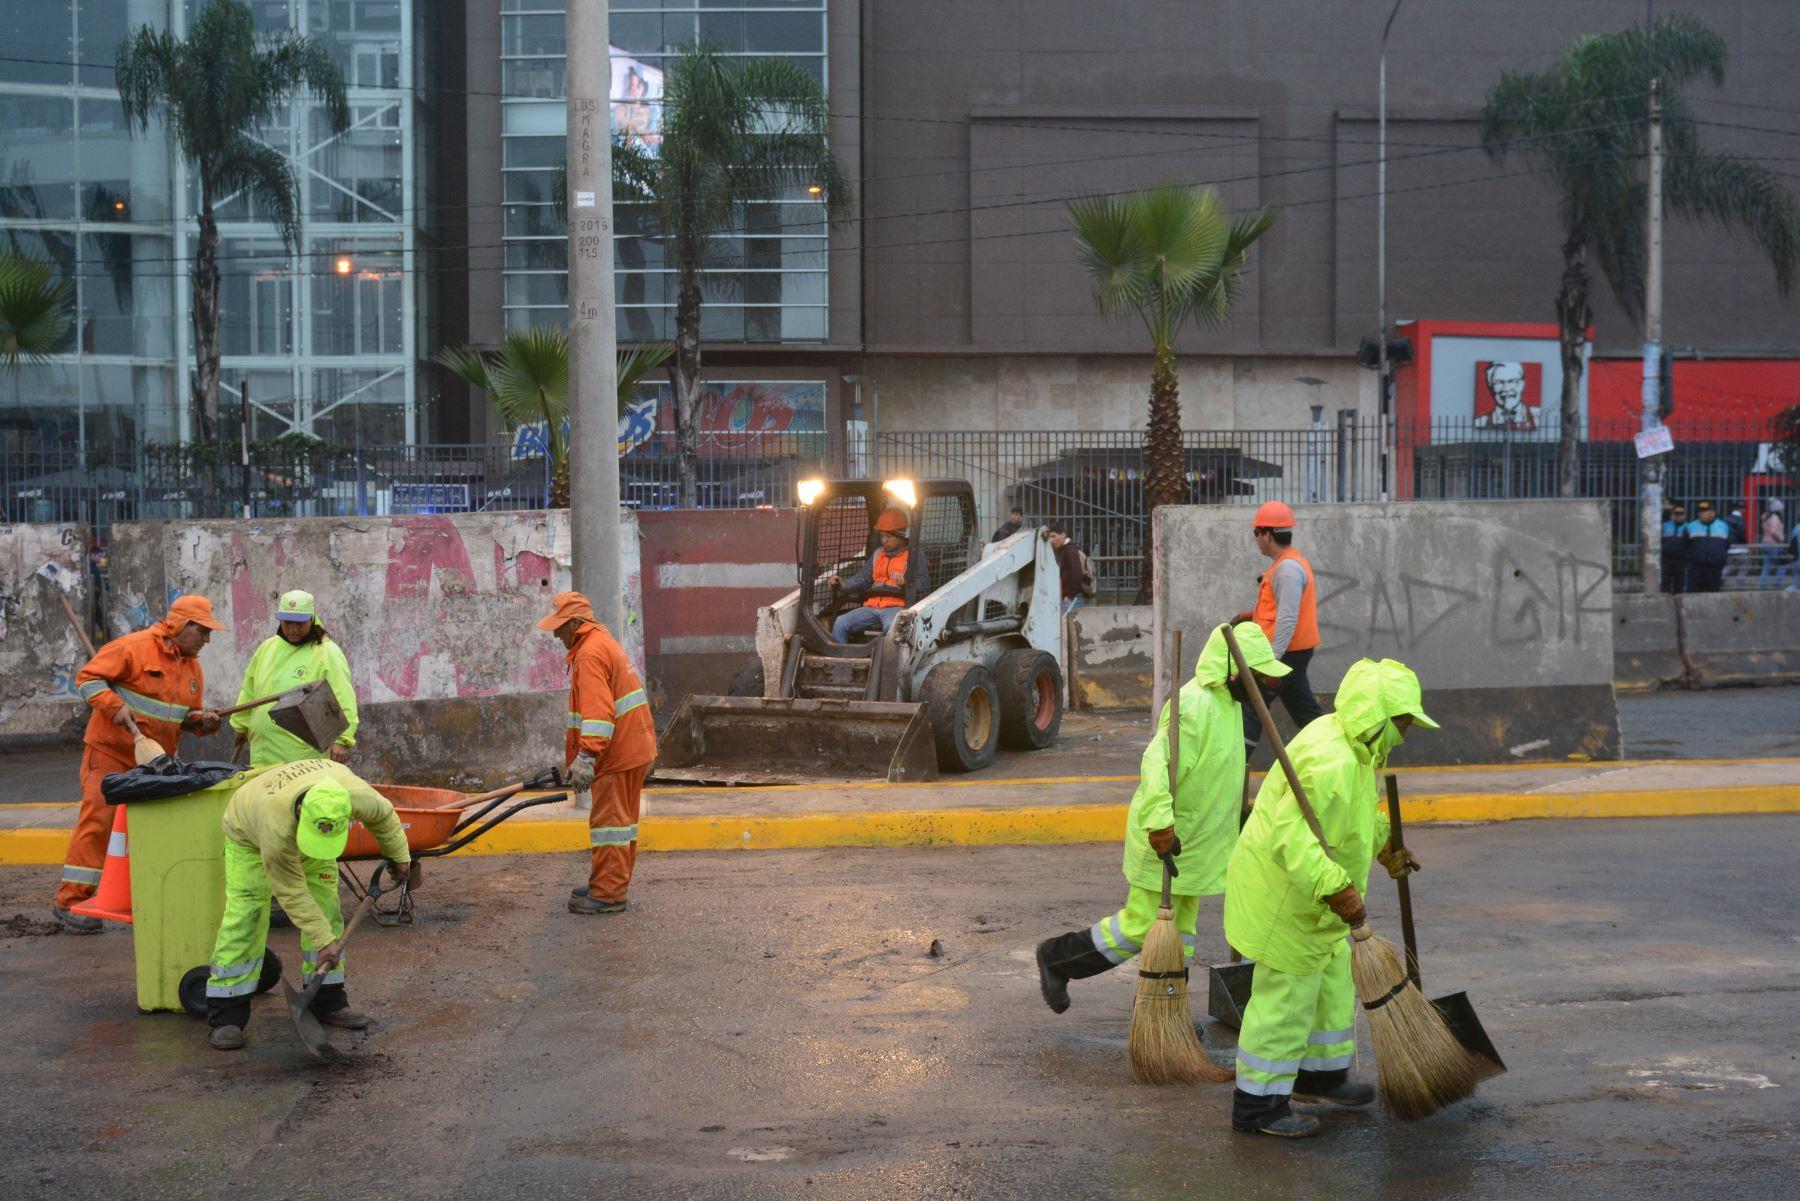 Se habilita tramo de la Carretera Central luego de culminar obras en Pozo de Ventilación de la Línea 2 del Metro de Lima y Callao. Foto: Metro de Lima y Callao